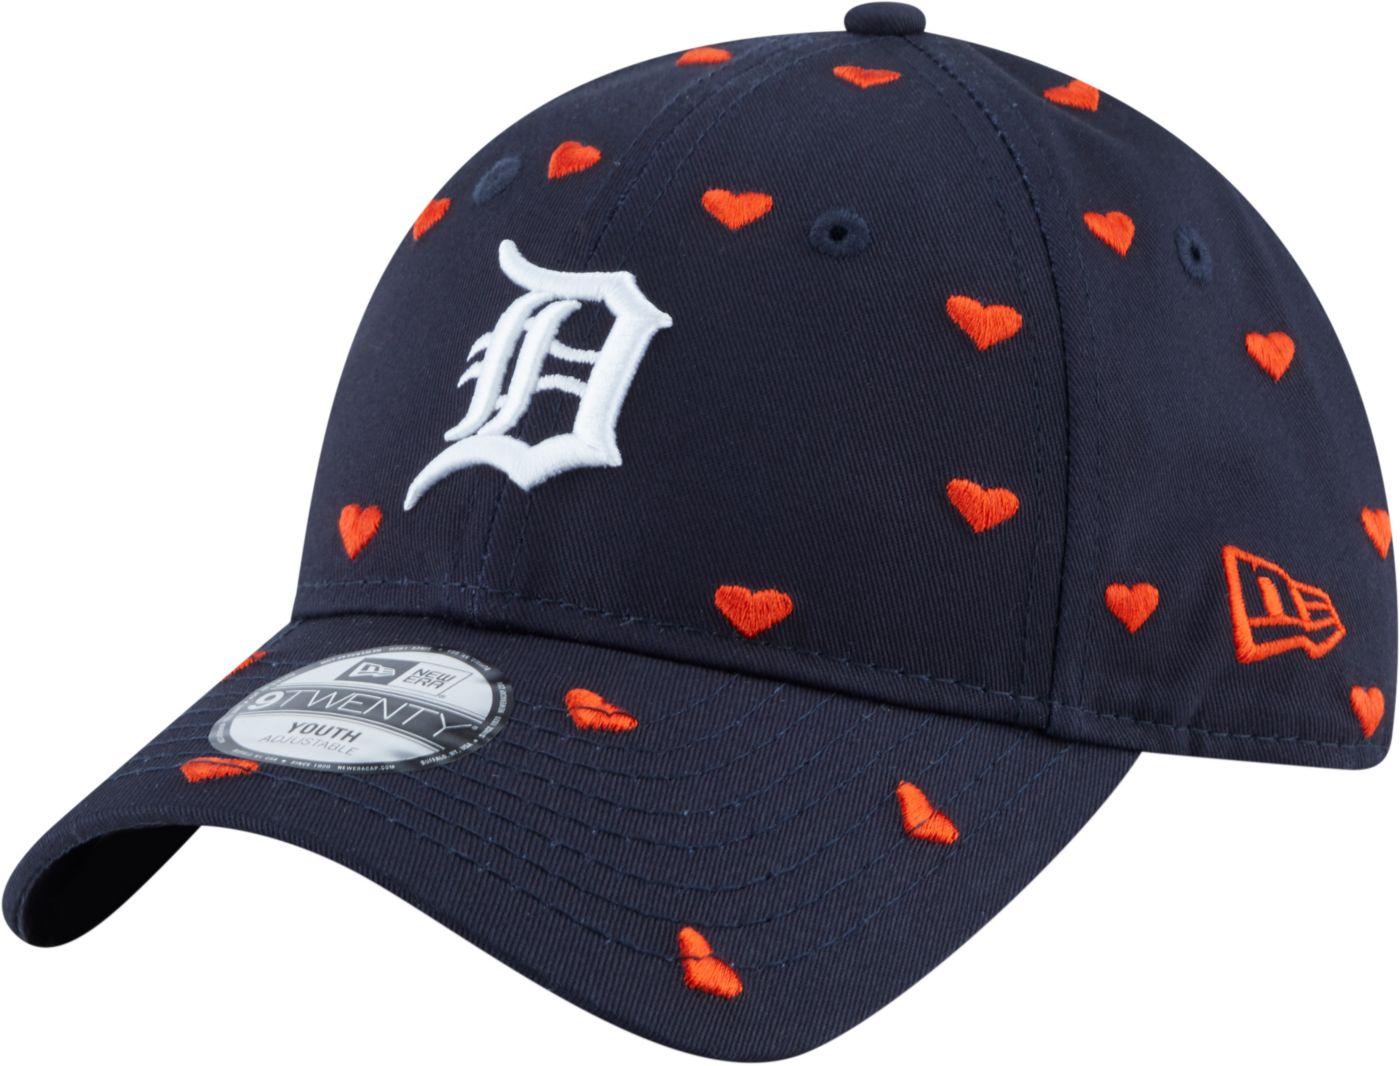 New Era Youth Detroit Tigers 9Twenty Lovely Fan Adjustable Hat